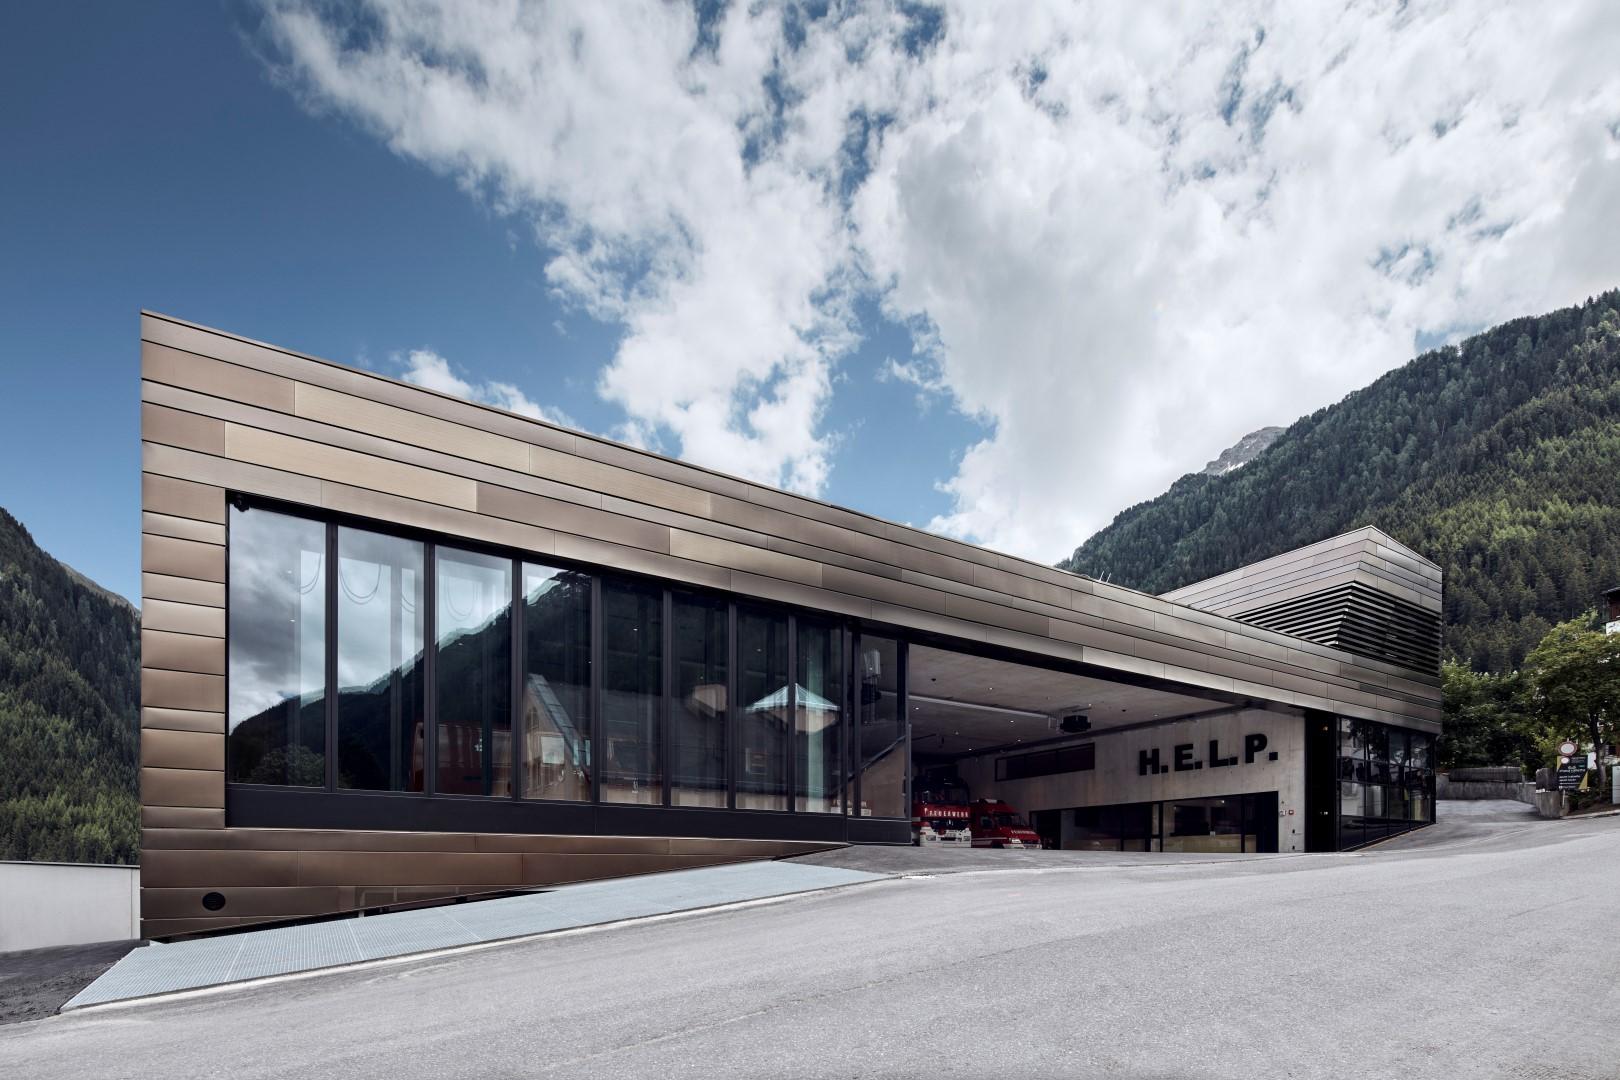 HFX Edelstahl elektrogefärbt für eindrucksvolle Fassade in Ischgl